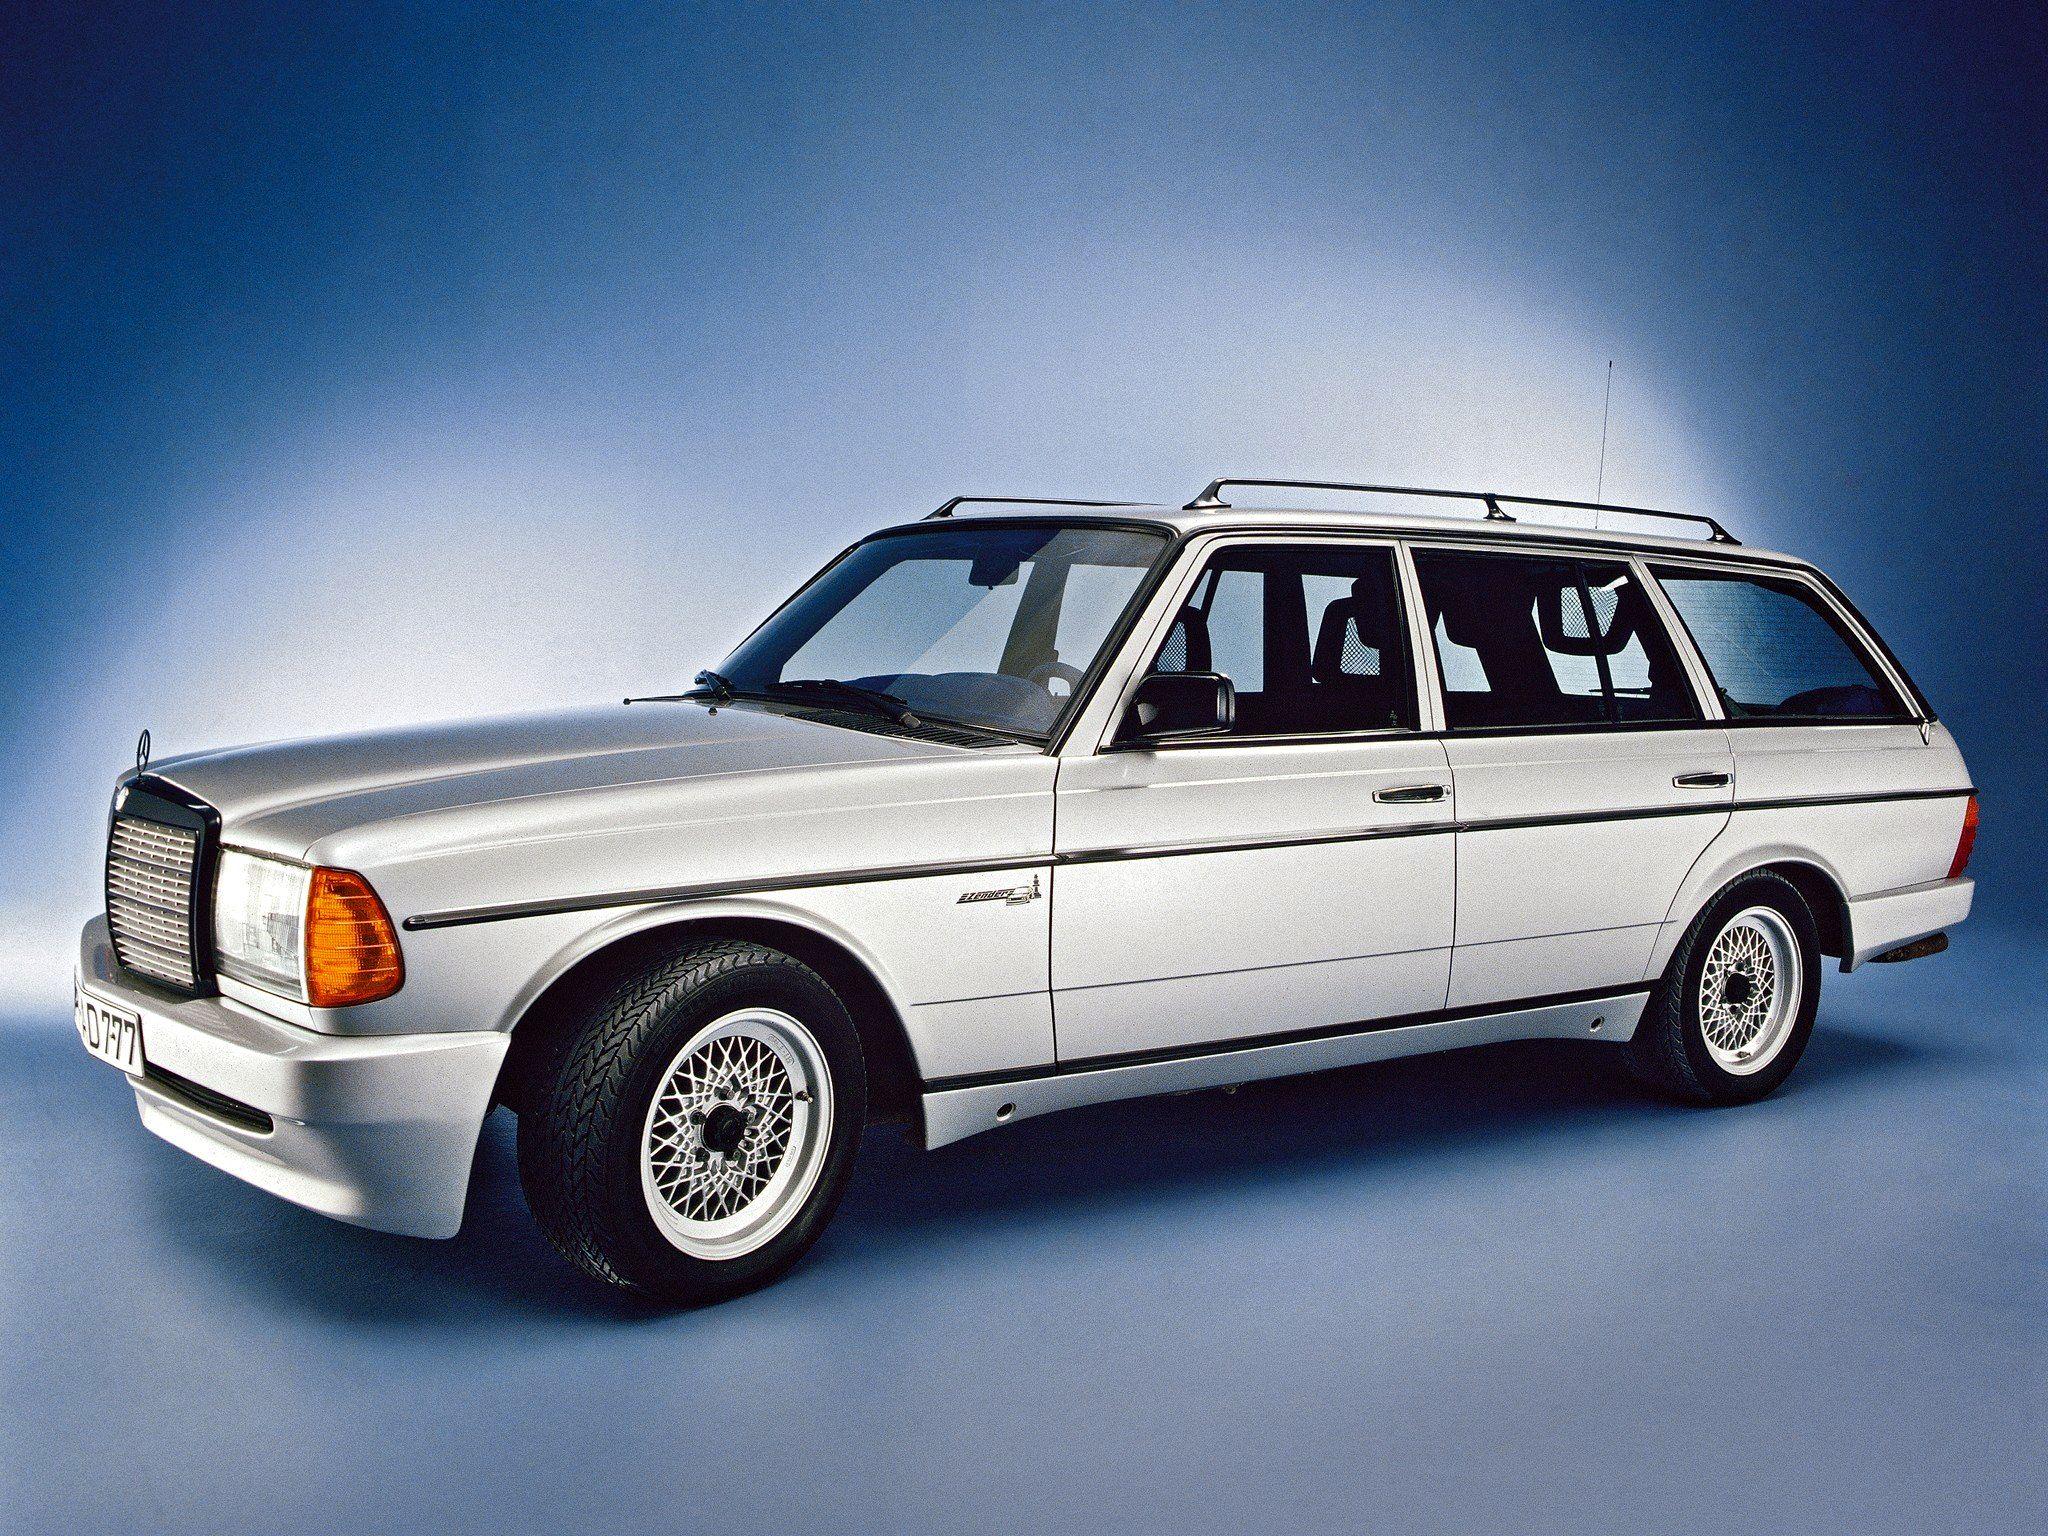 1980 Zender Mercedes-Benz 280TE (S123)